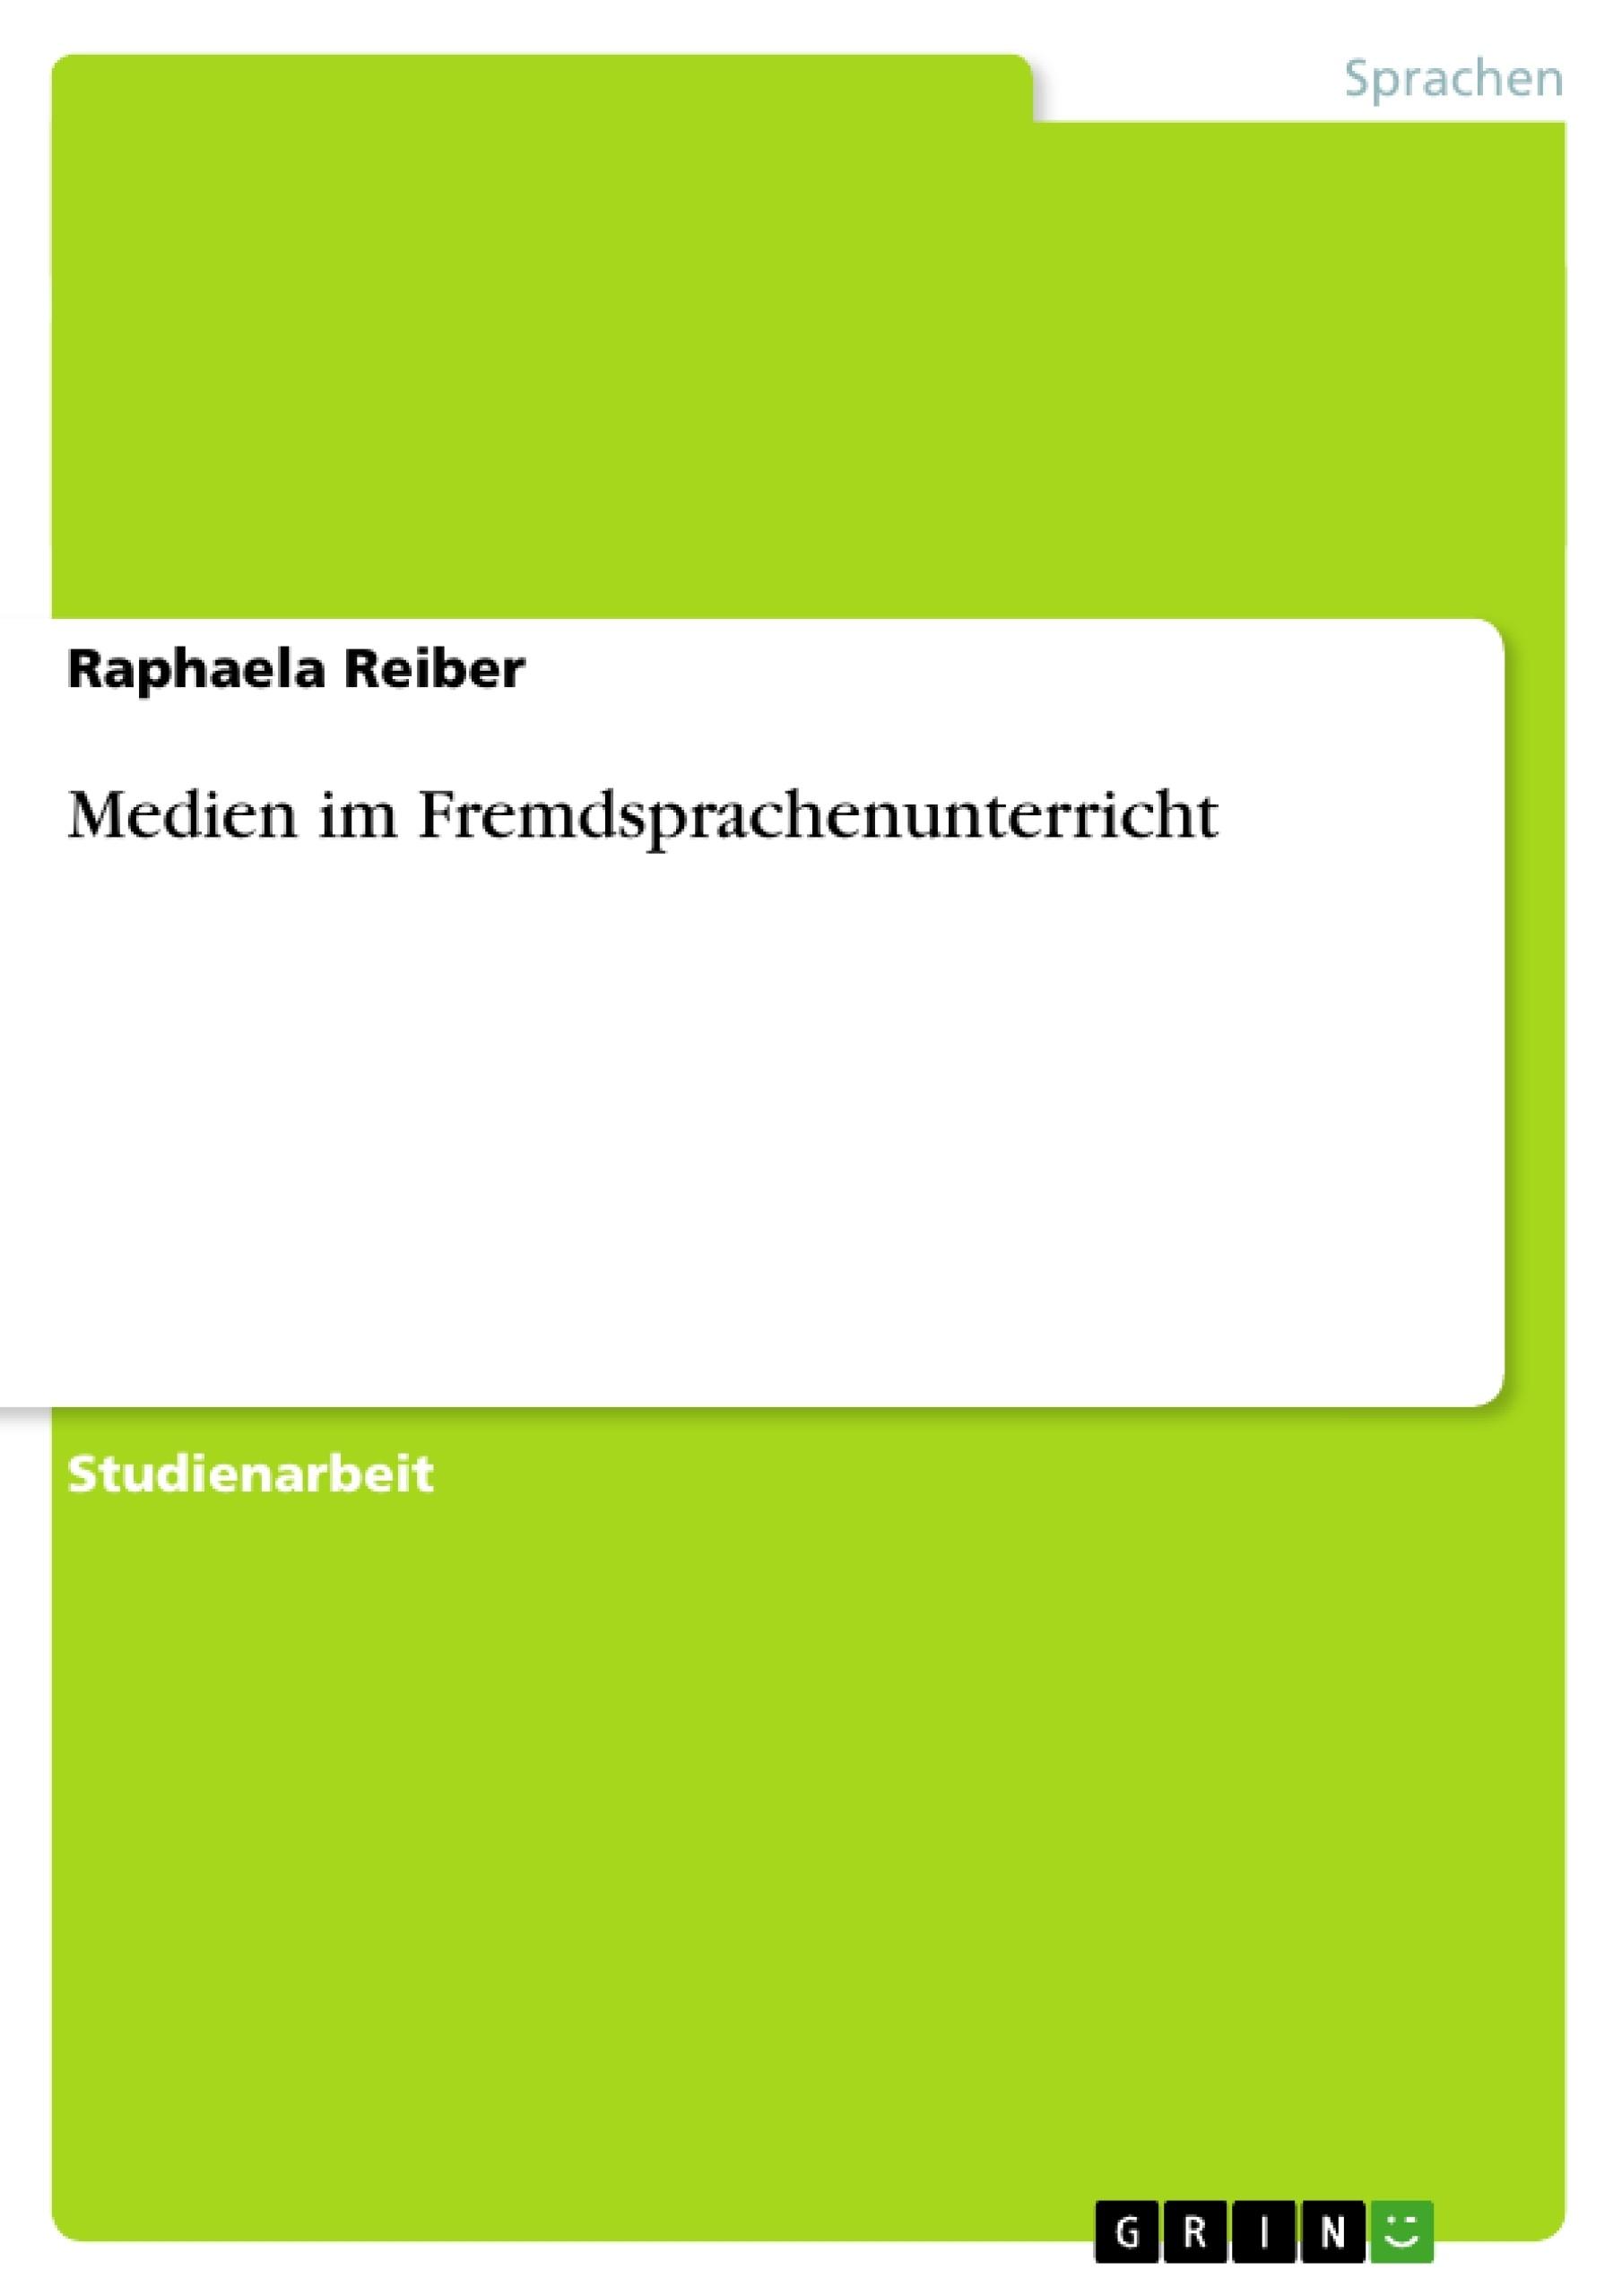 Titel: Medien im Fremdsprachenunterricht